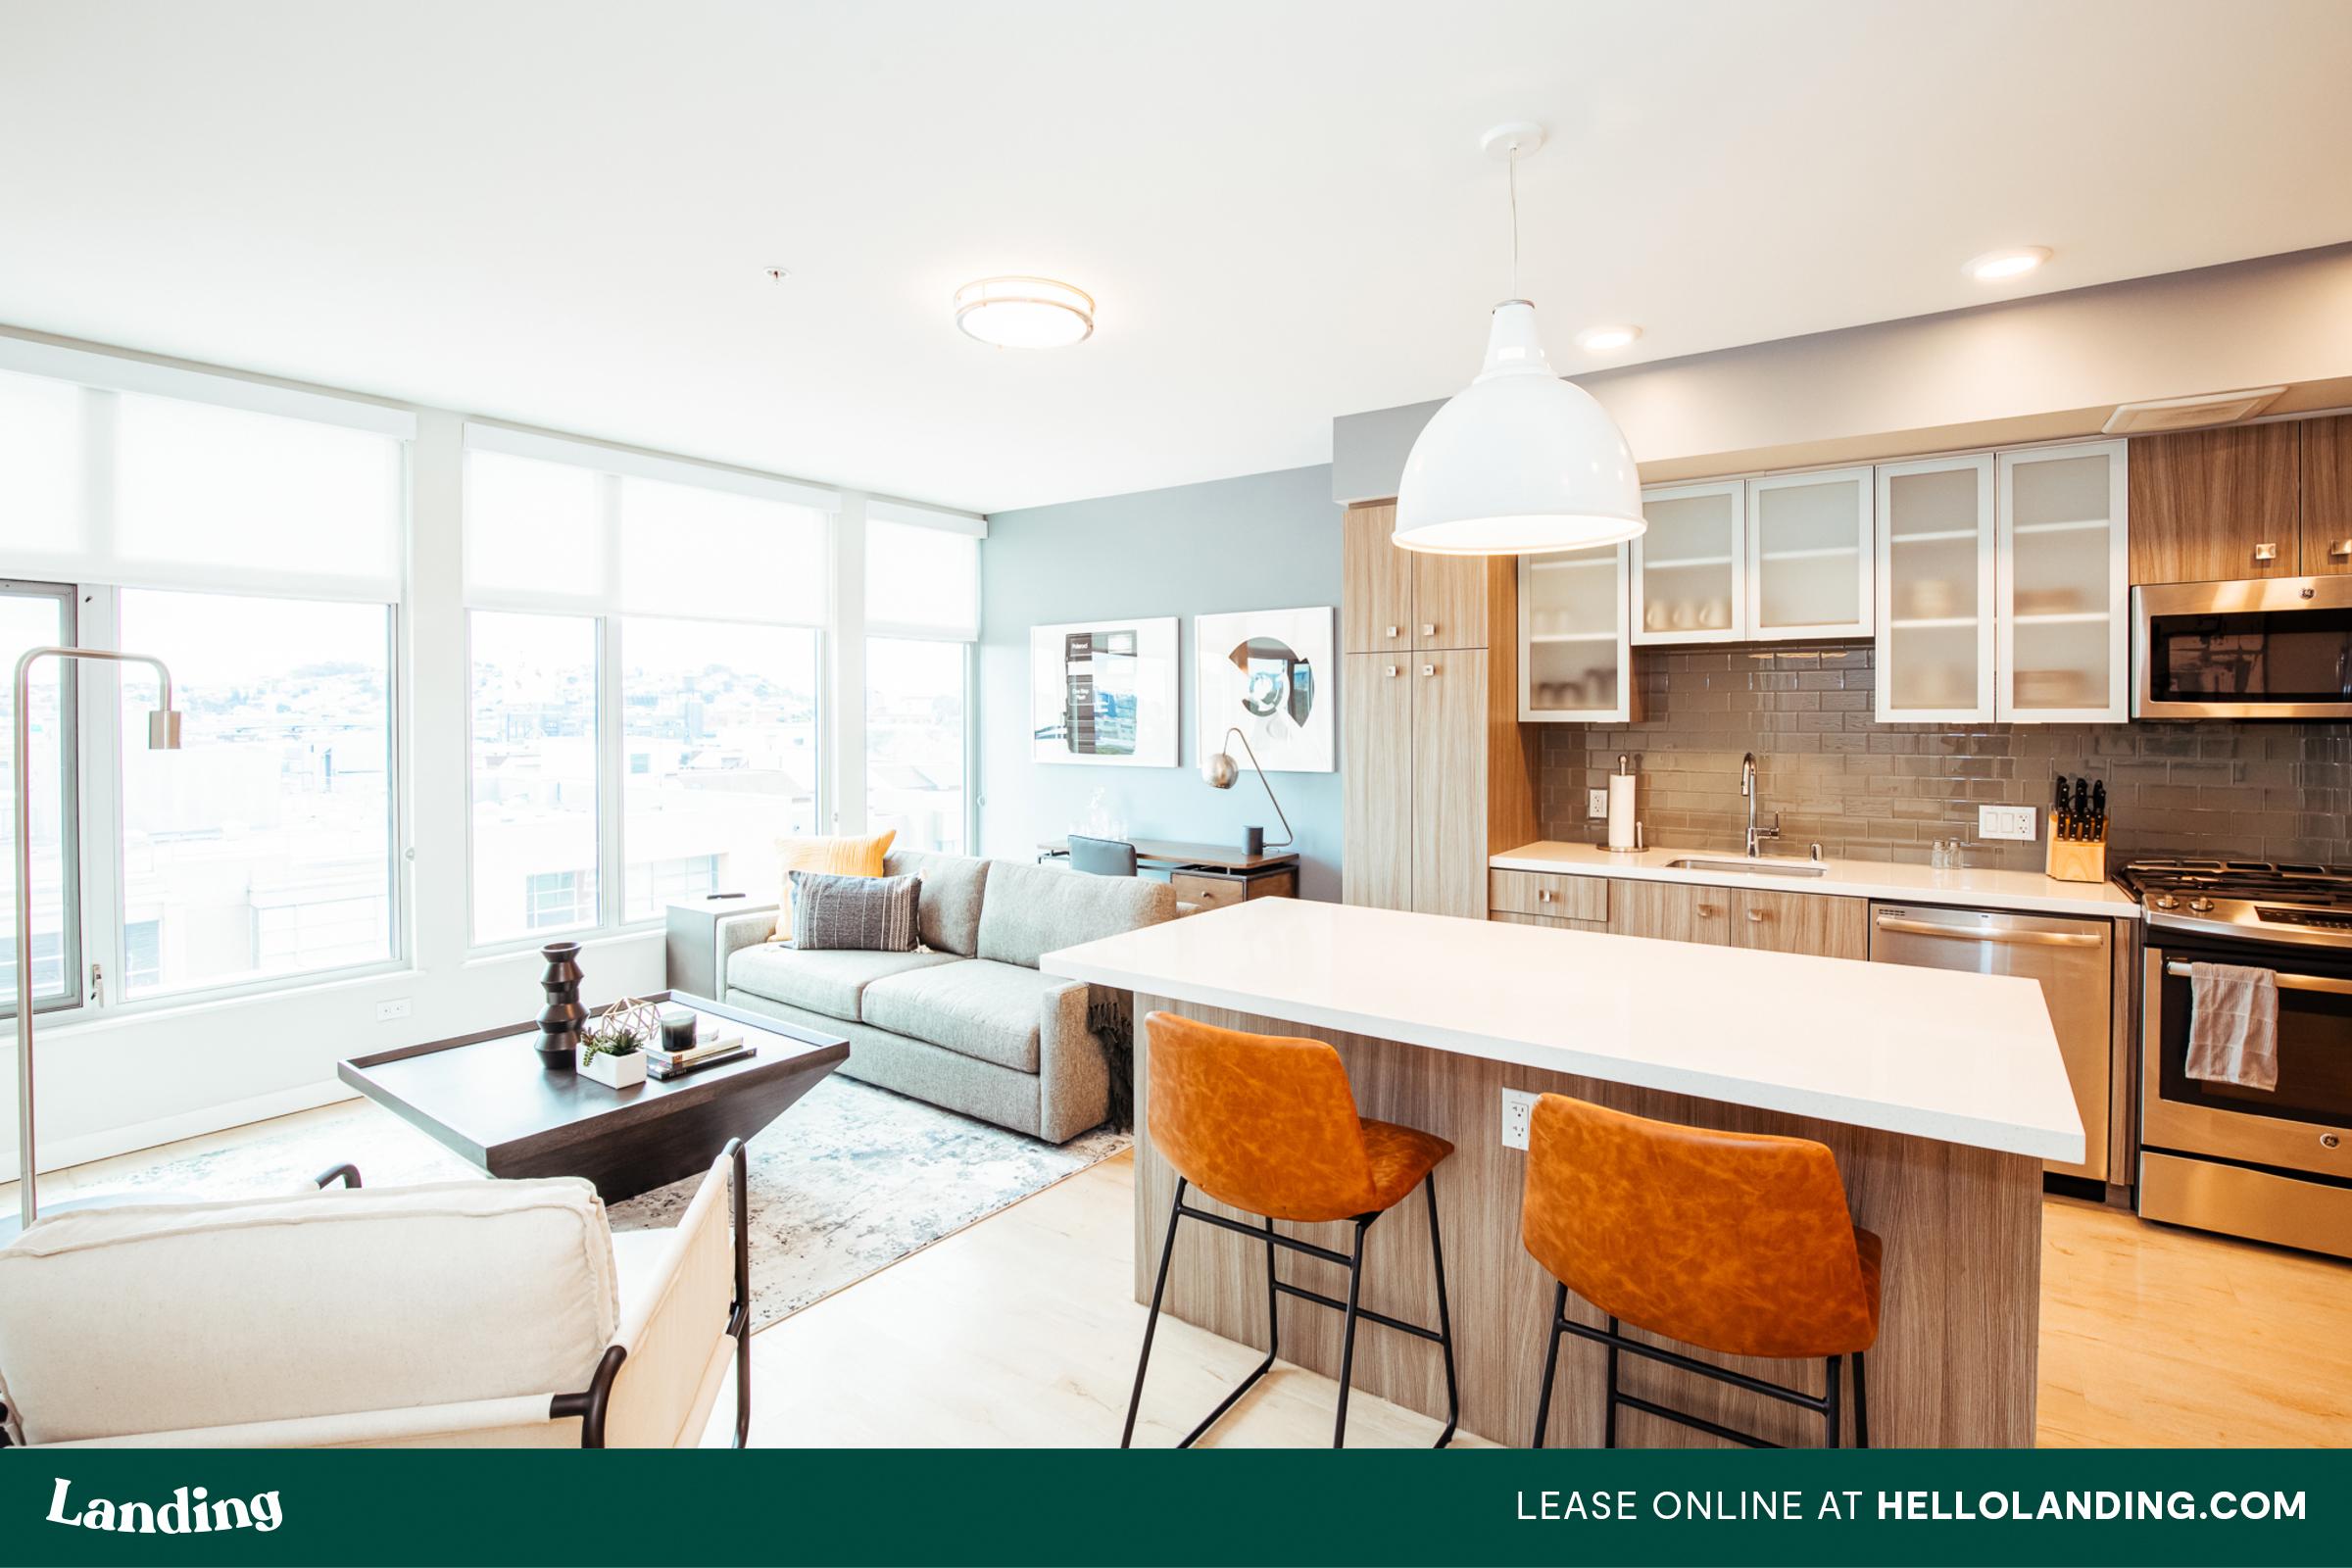 2 Bedroom Apartments Oakland Ca Craigslist   www ...